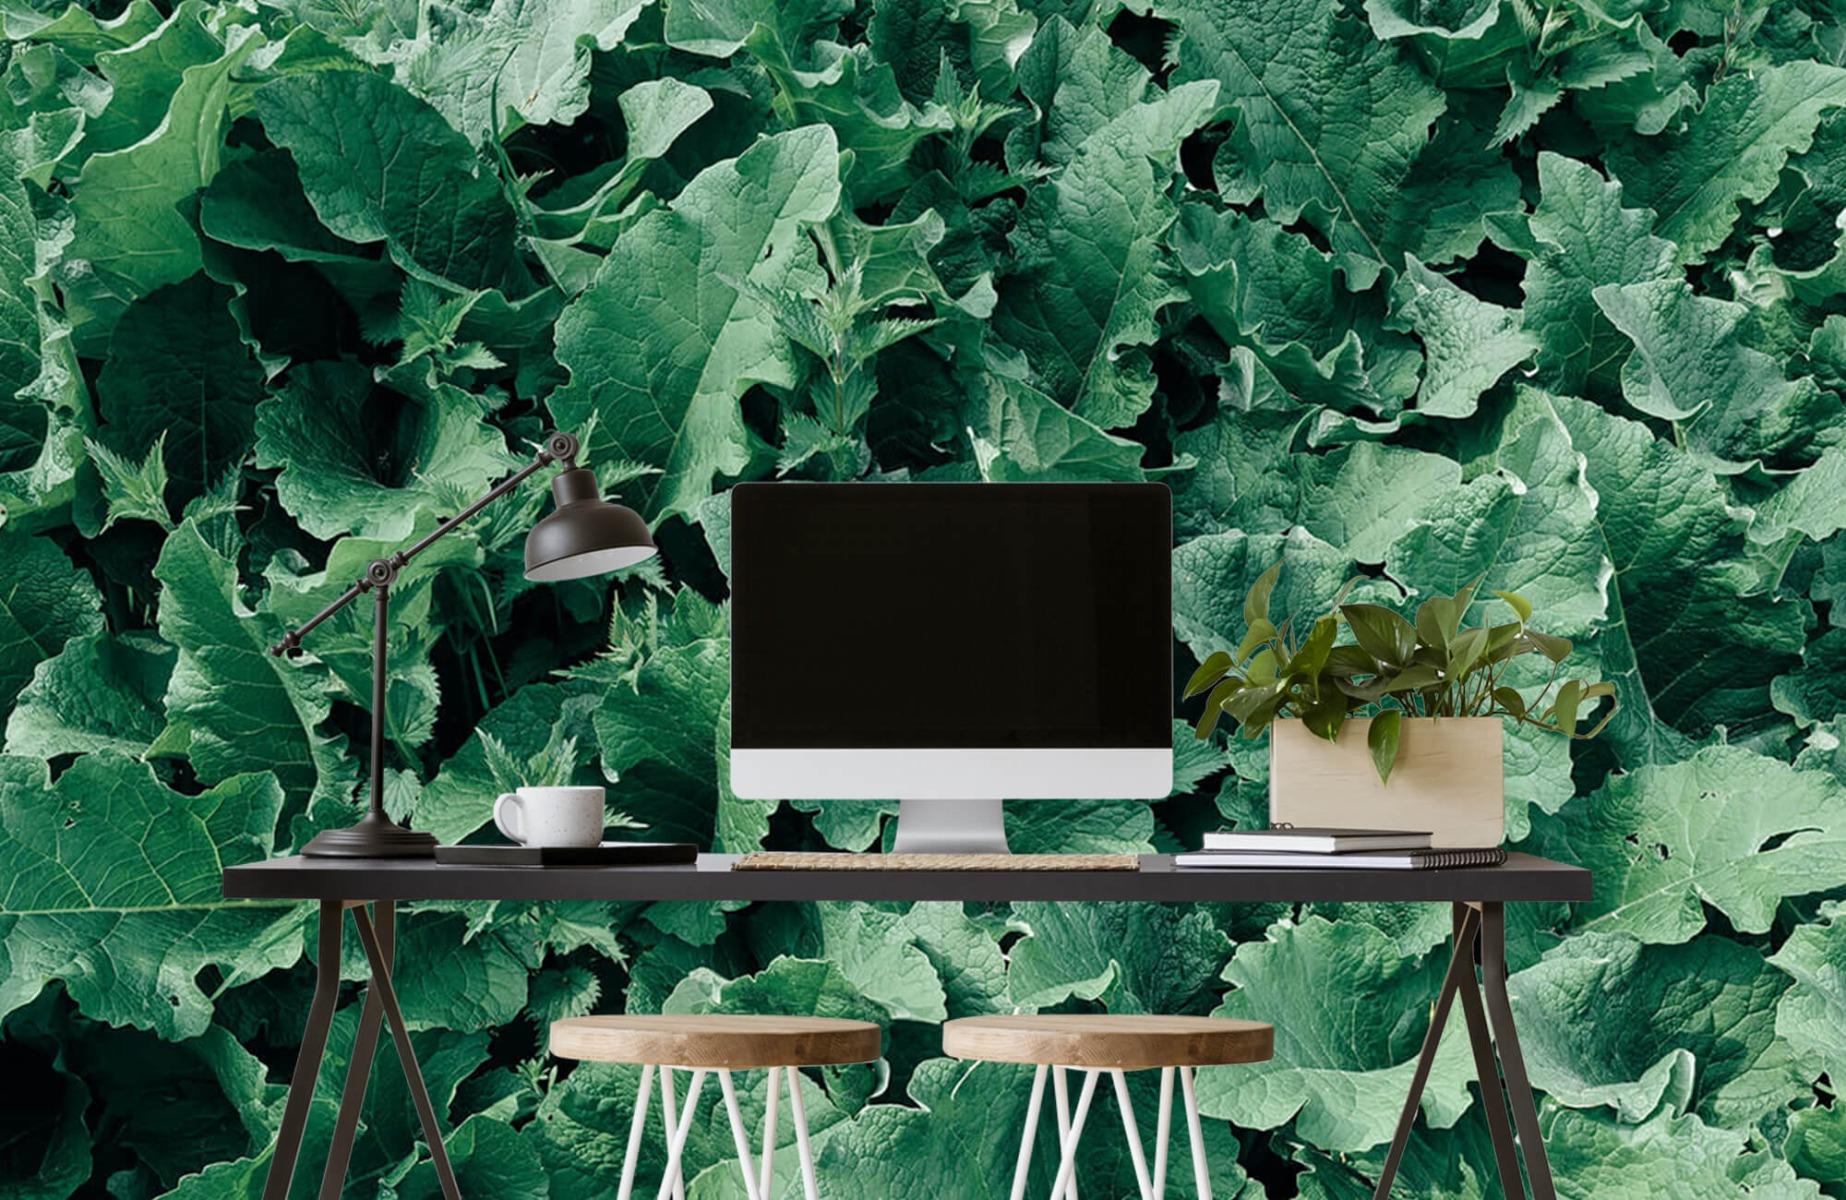 Bladeren - Gedetailleerd groen bladerdek - Wallexclusive - Slaapkamer 1